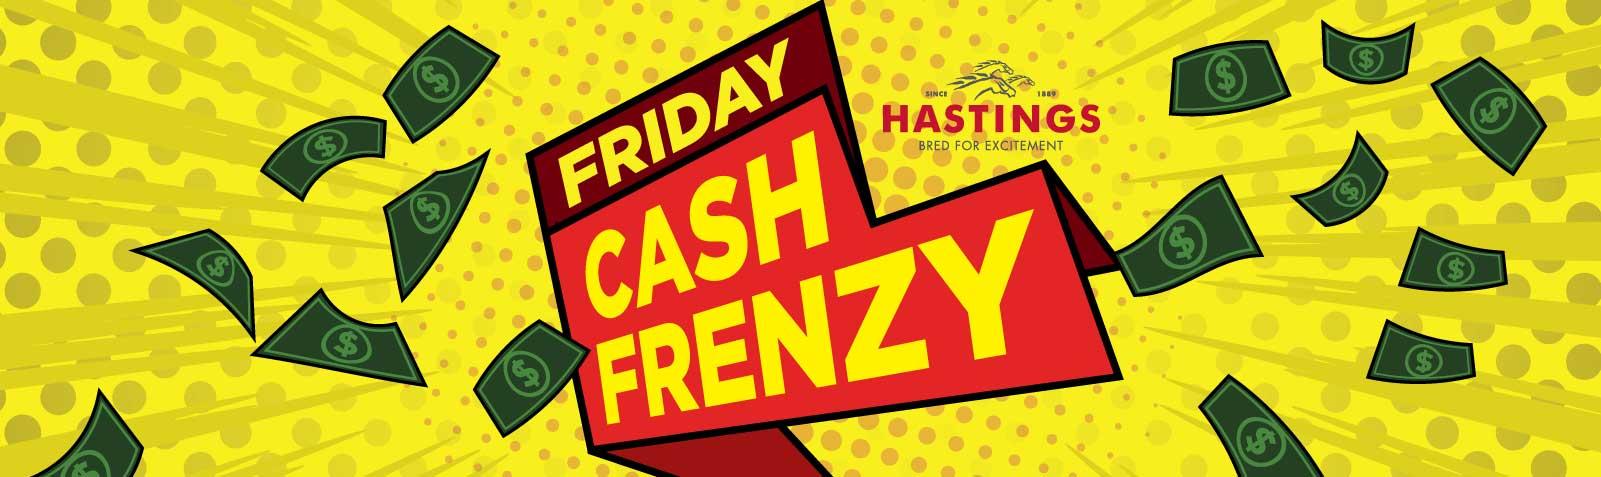 MKT16-285-Friday-Cash-Frenzy-Slider